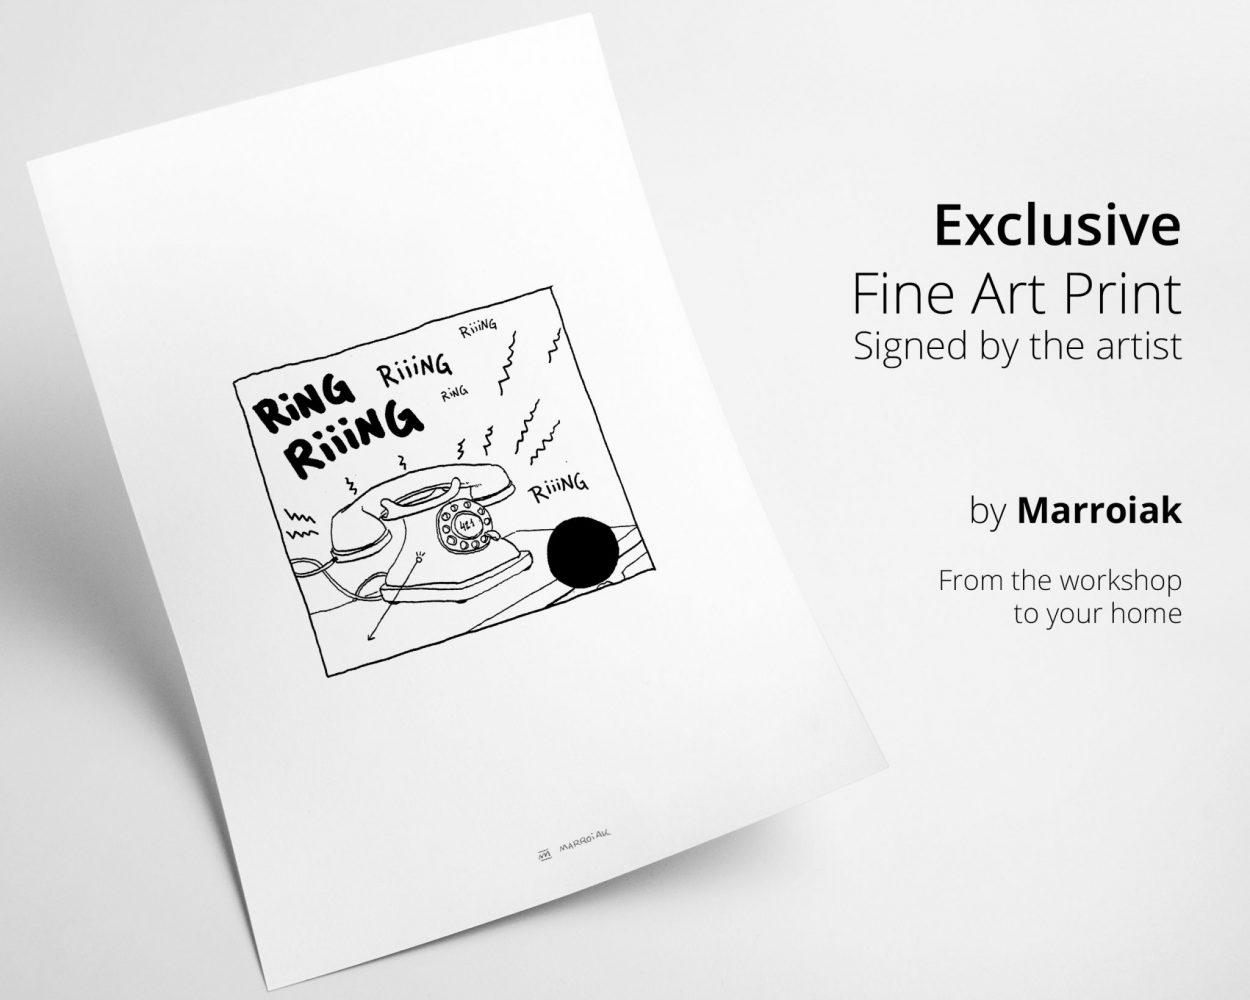 Ilustración en blanco y negro con un dibujo de un teléfono vintage extraído de un cómic de tintin